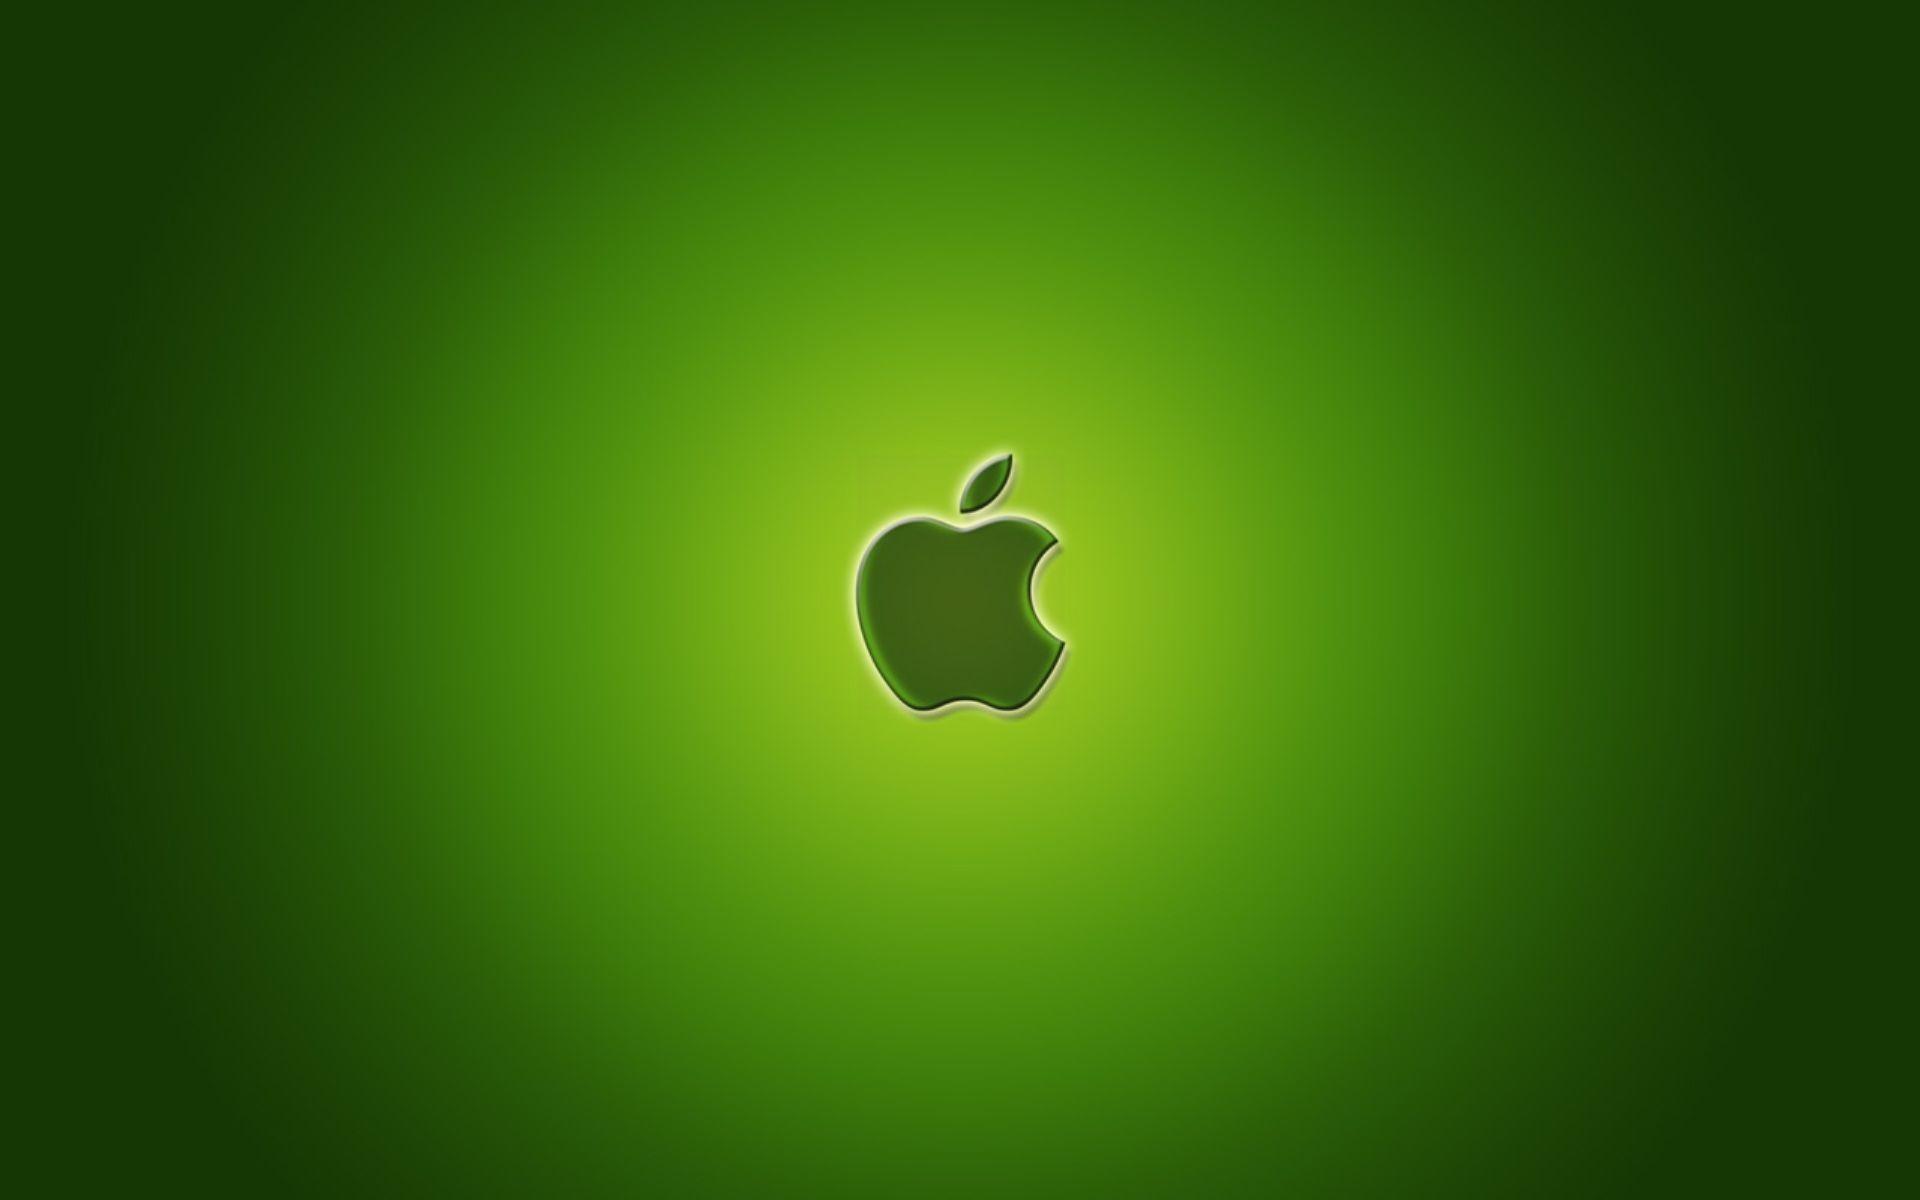 картинки яблоко айфона на рабочий стол если далеки